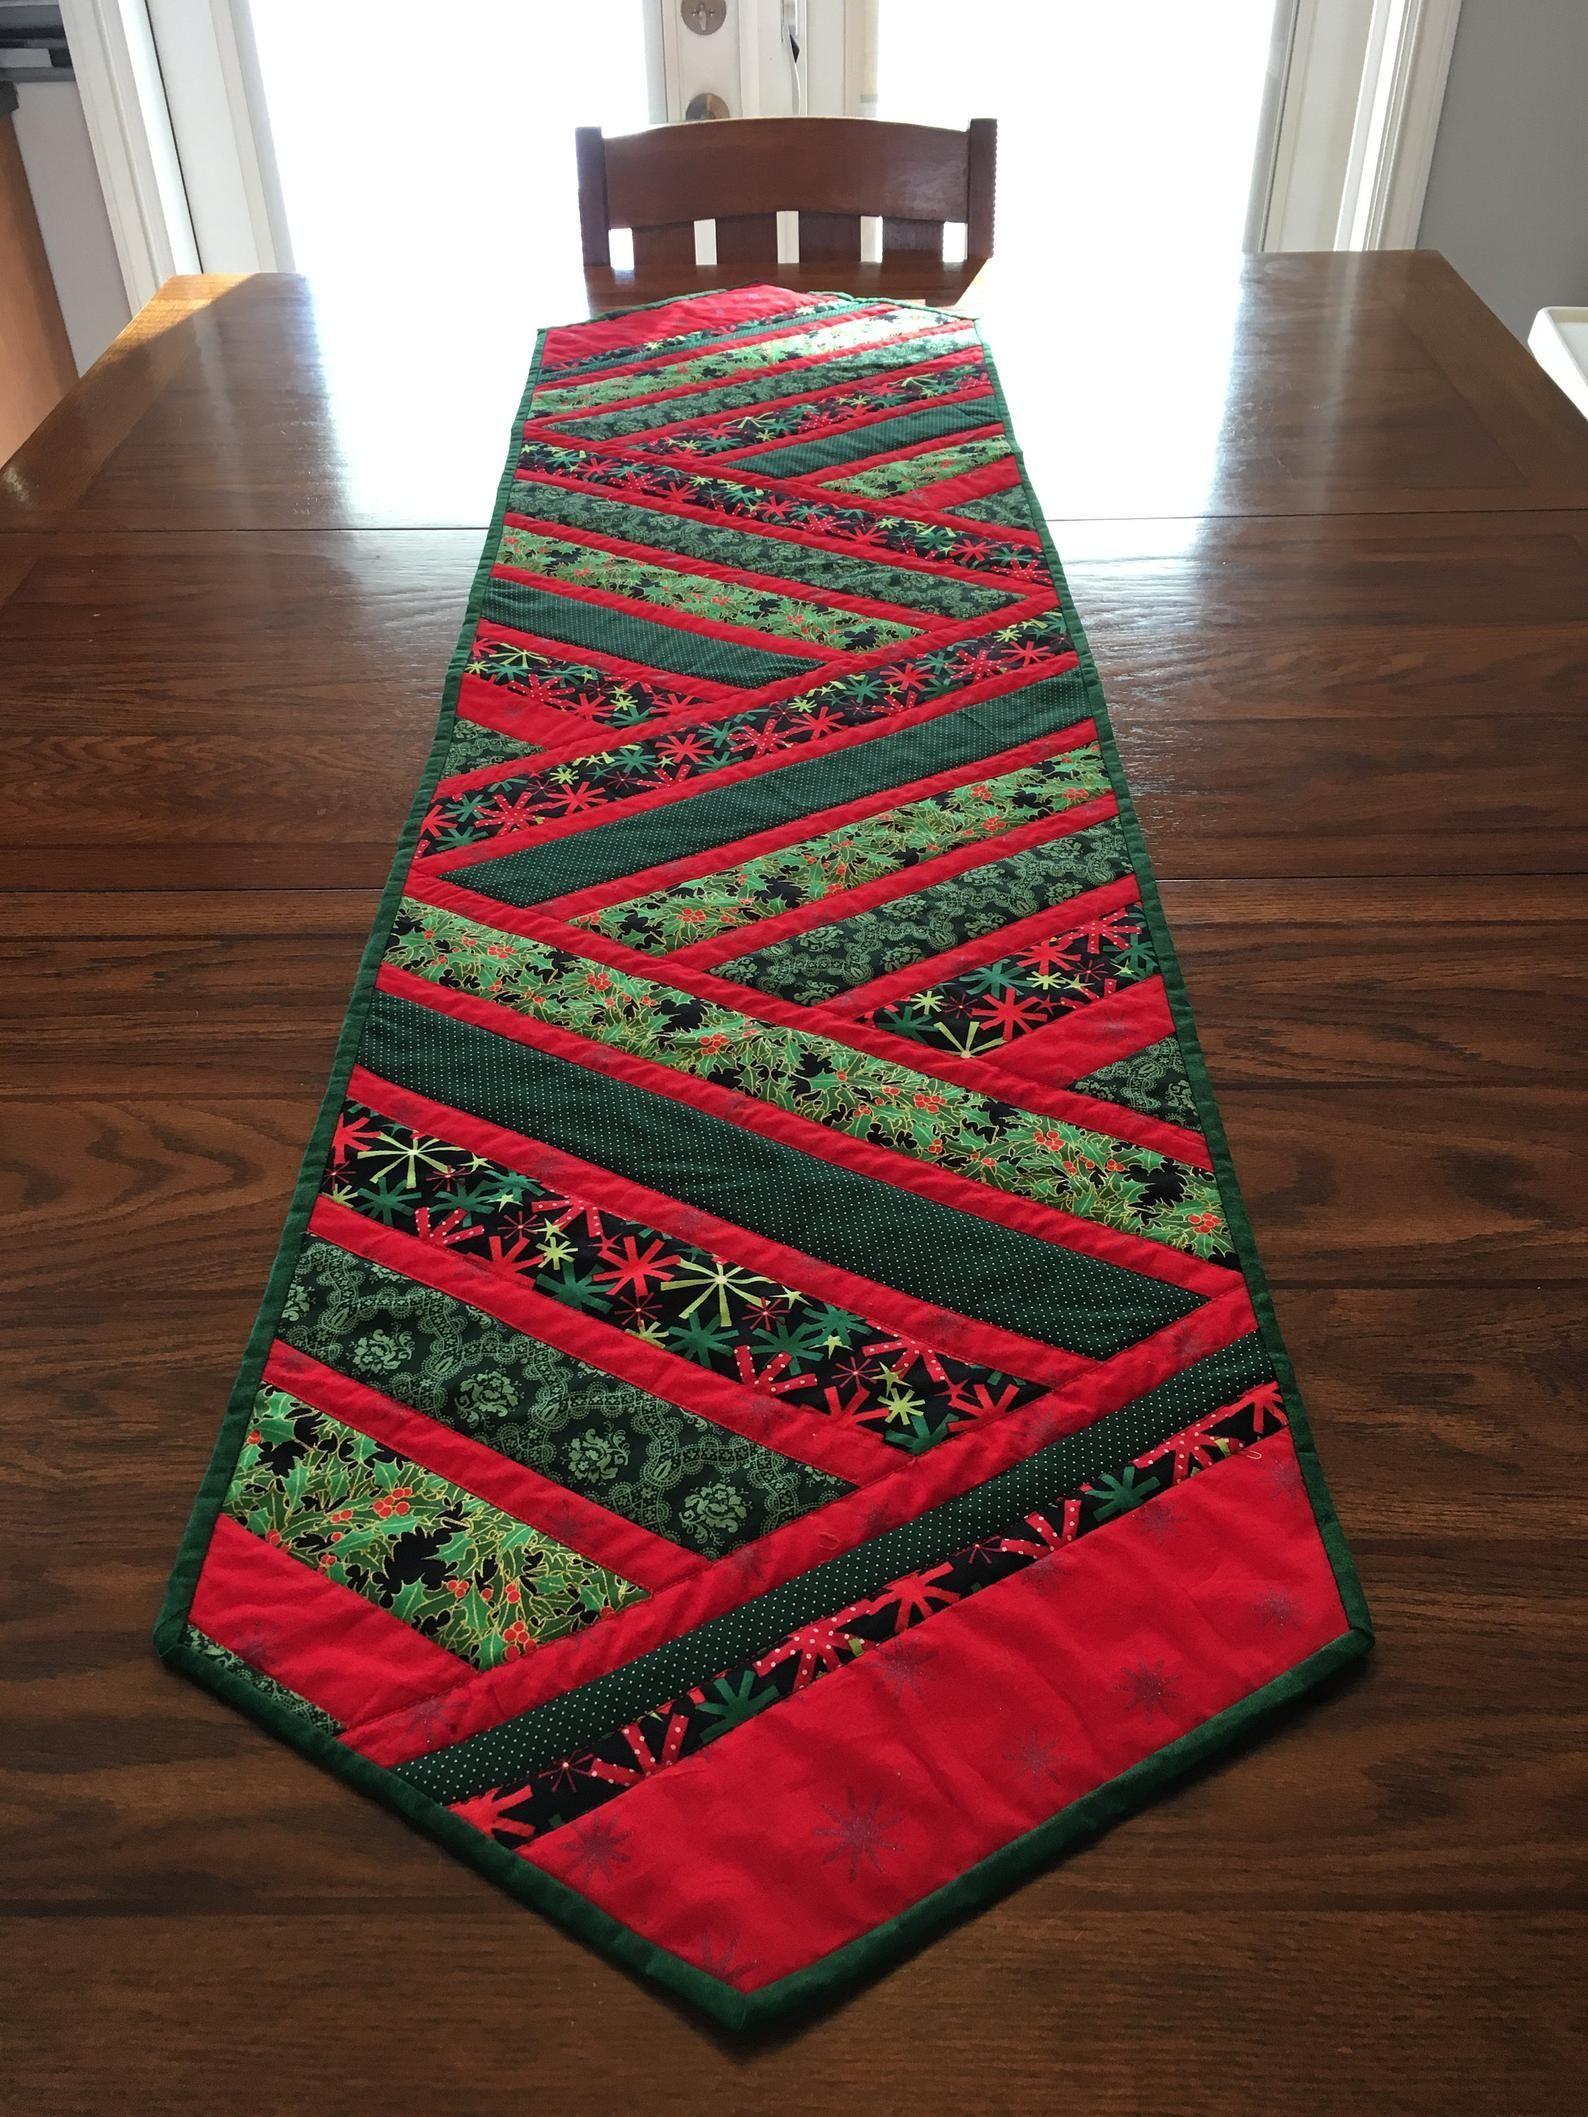 Christmas table runner diy christmastree christmastime